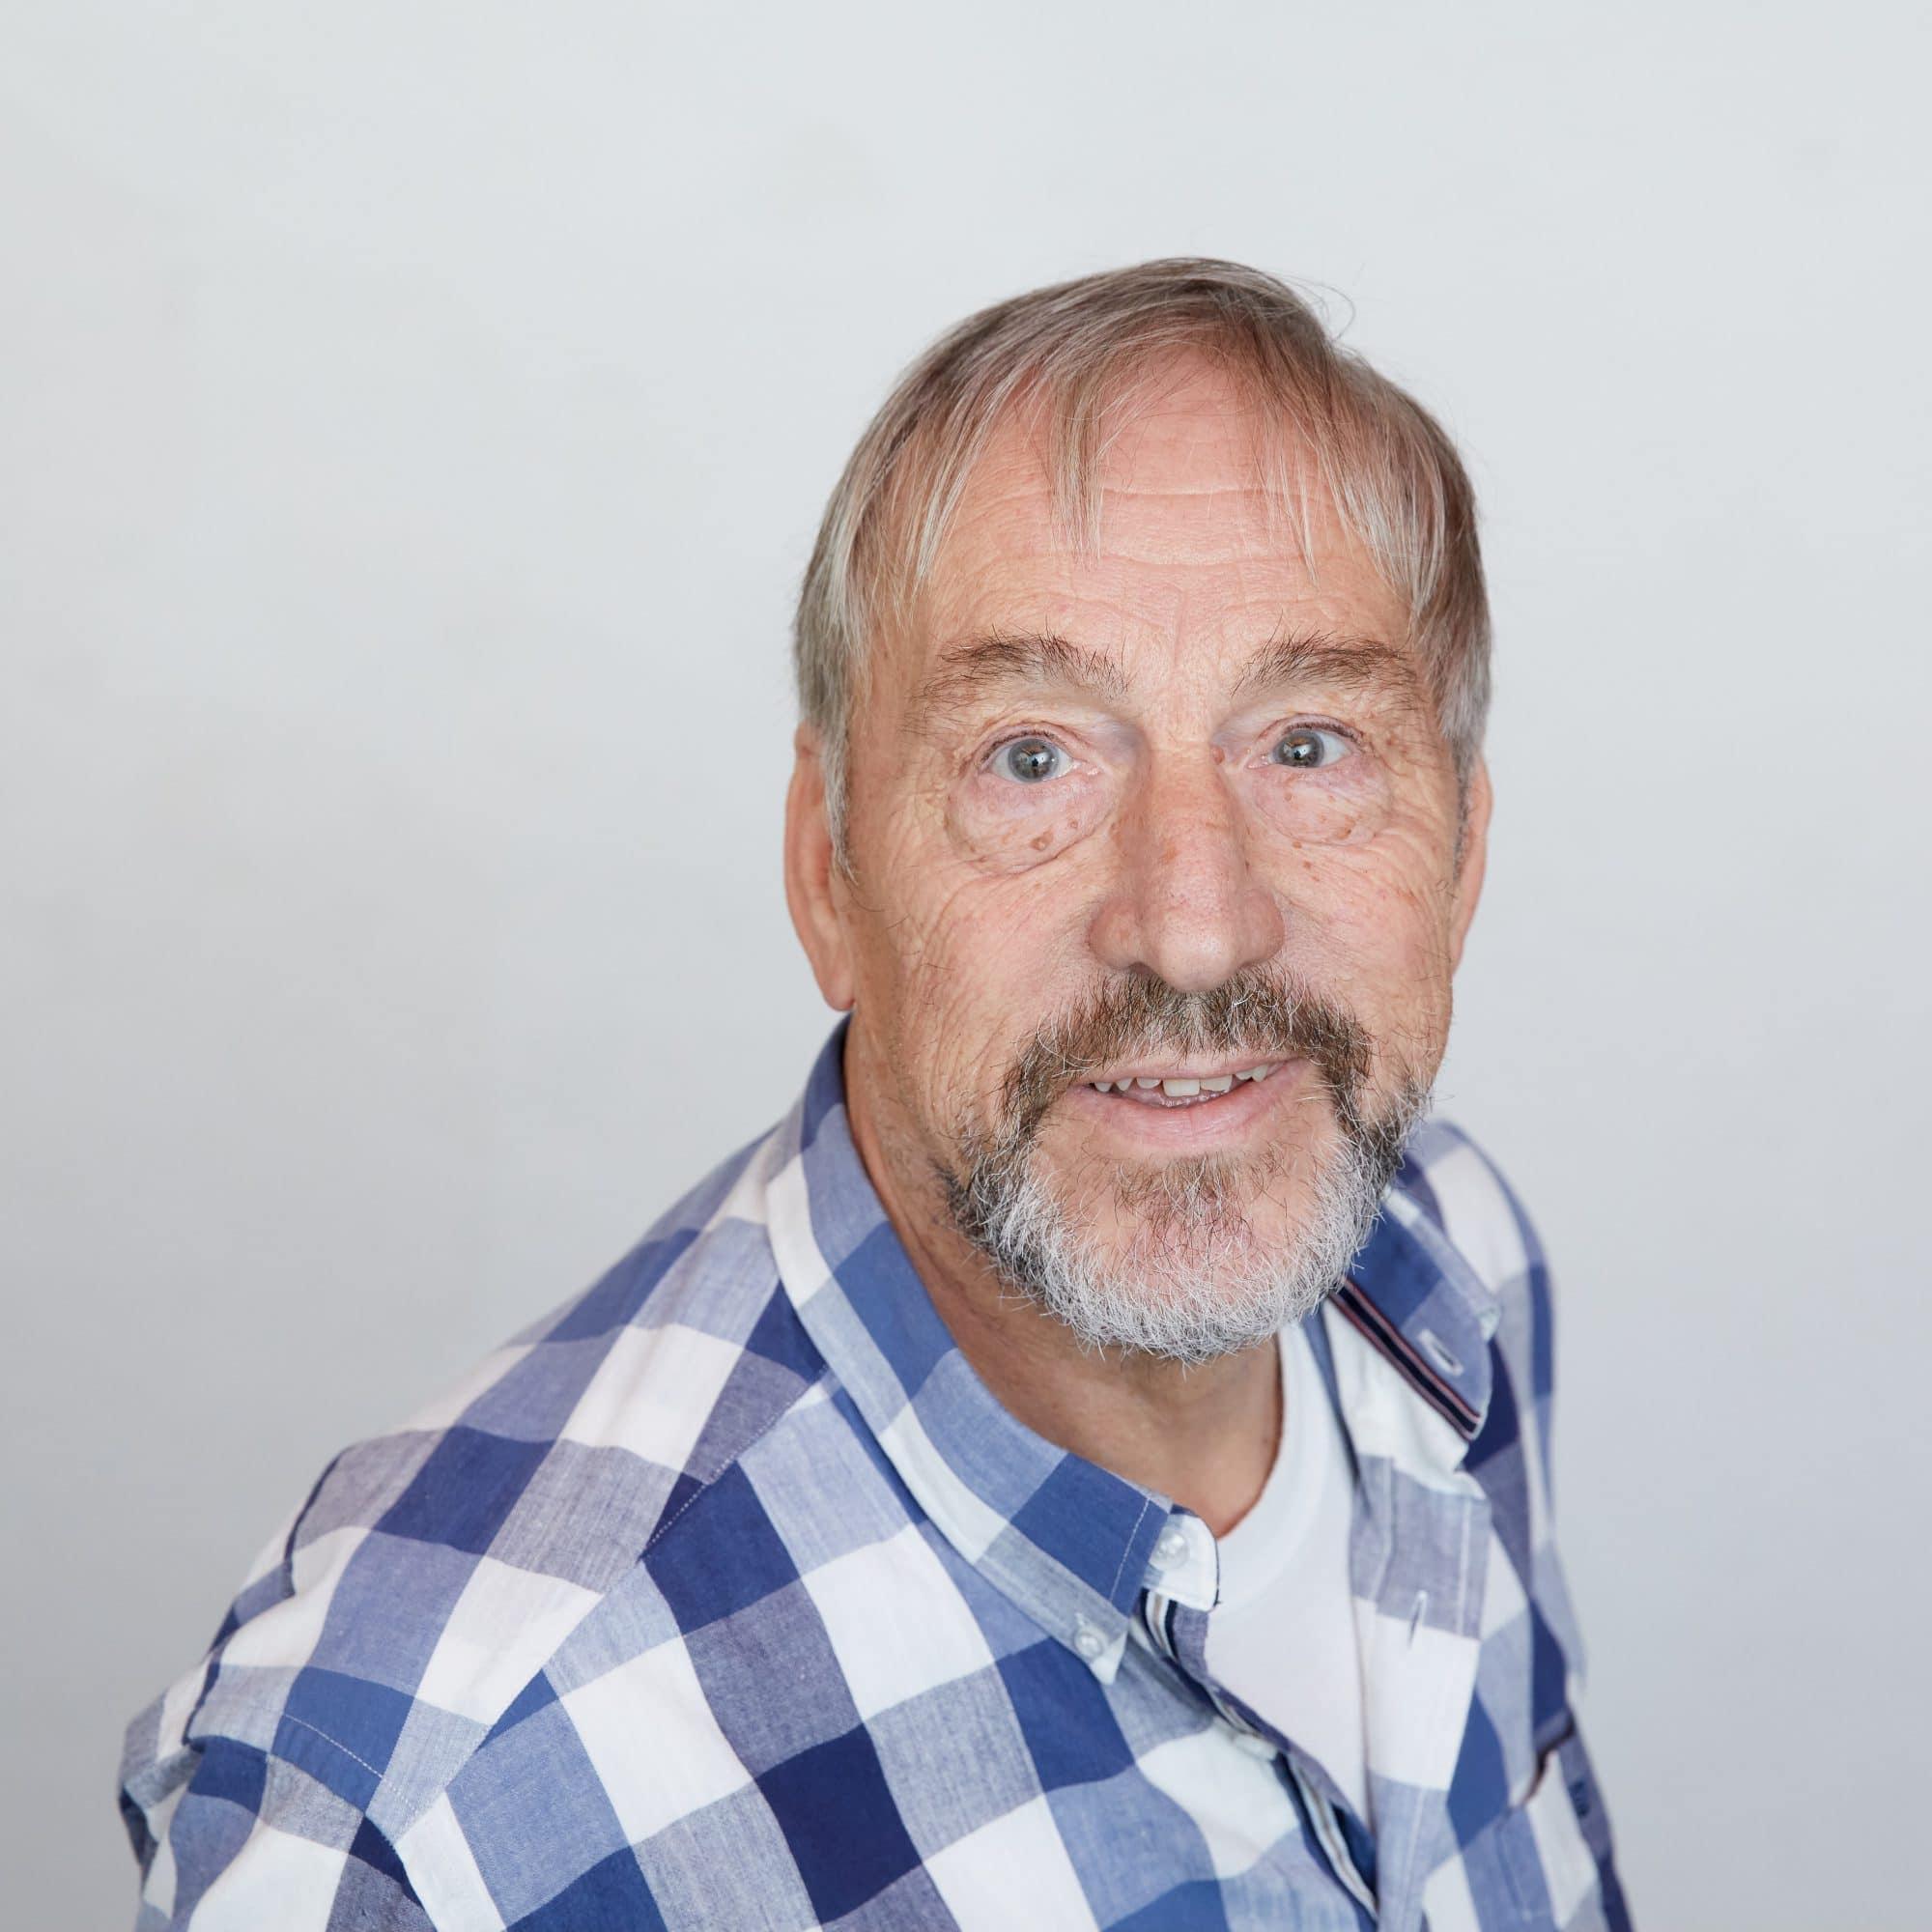 Hans van den Berghe